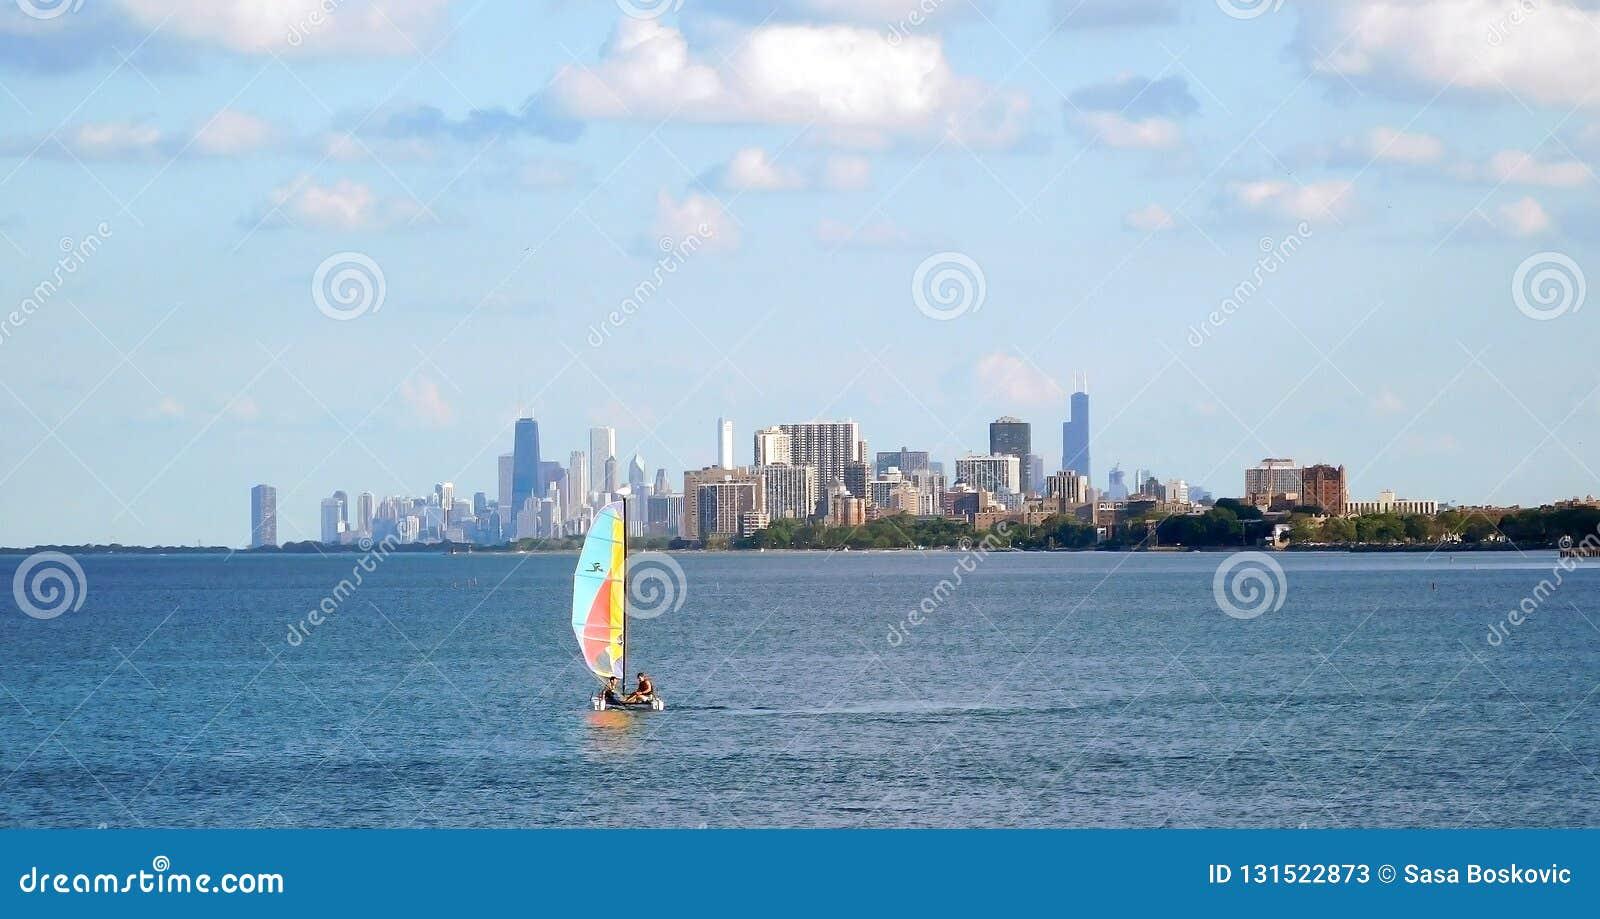 Segeln auf Michigansee, Chicago-Skyline auf dem Hintergrund